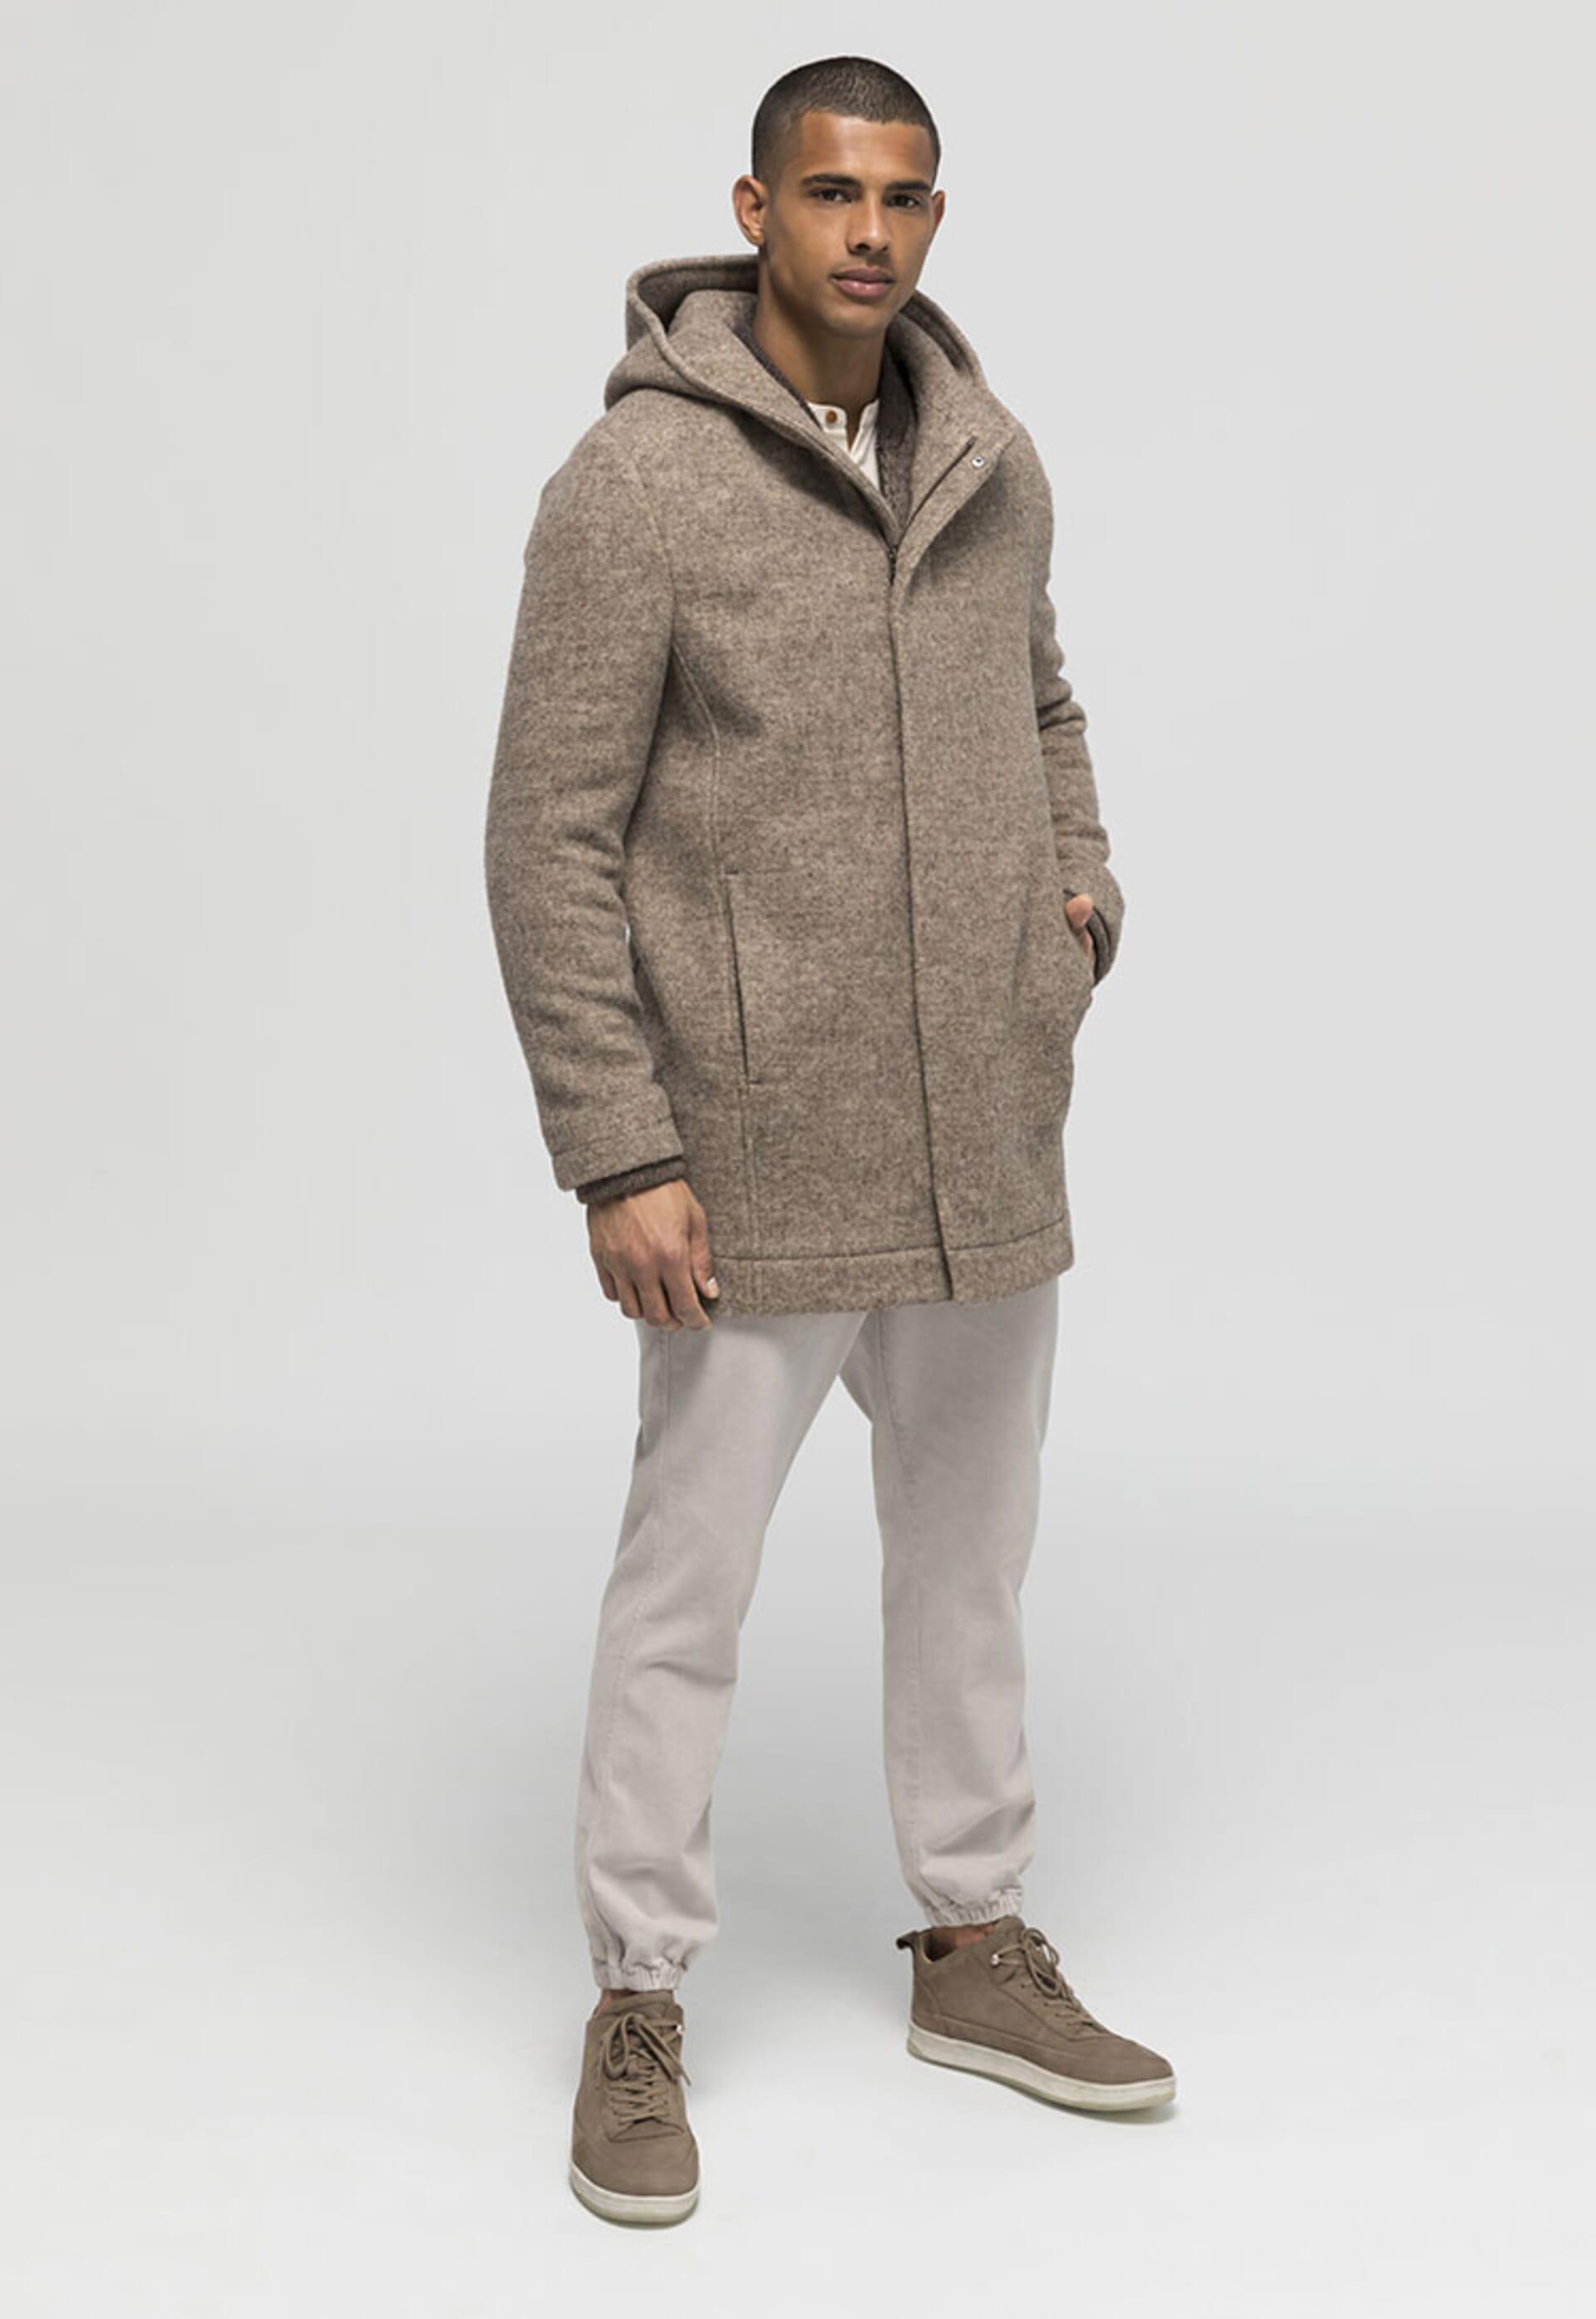 Pullover in Premium-Qualität